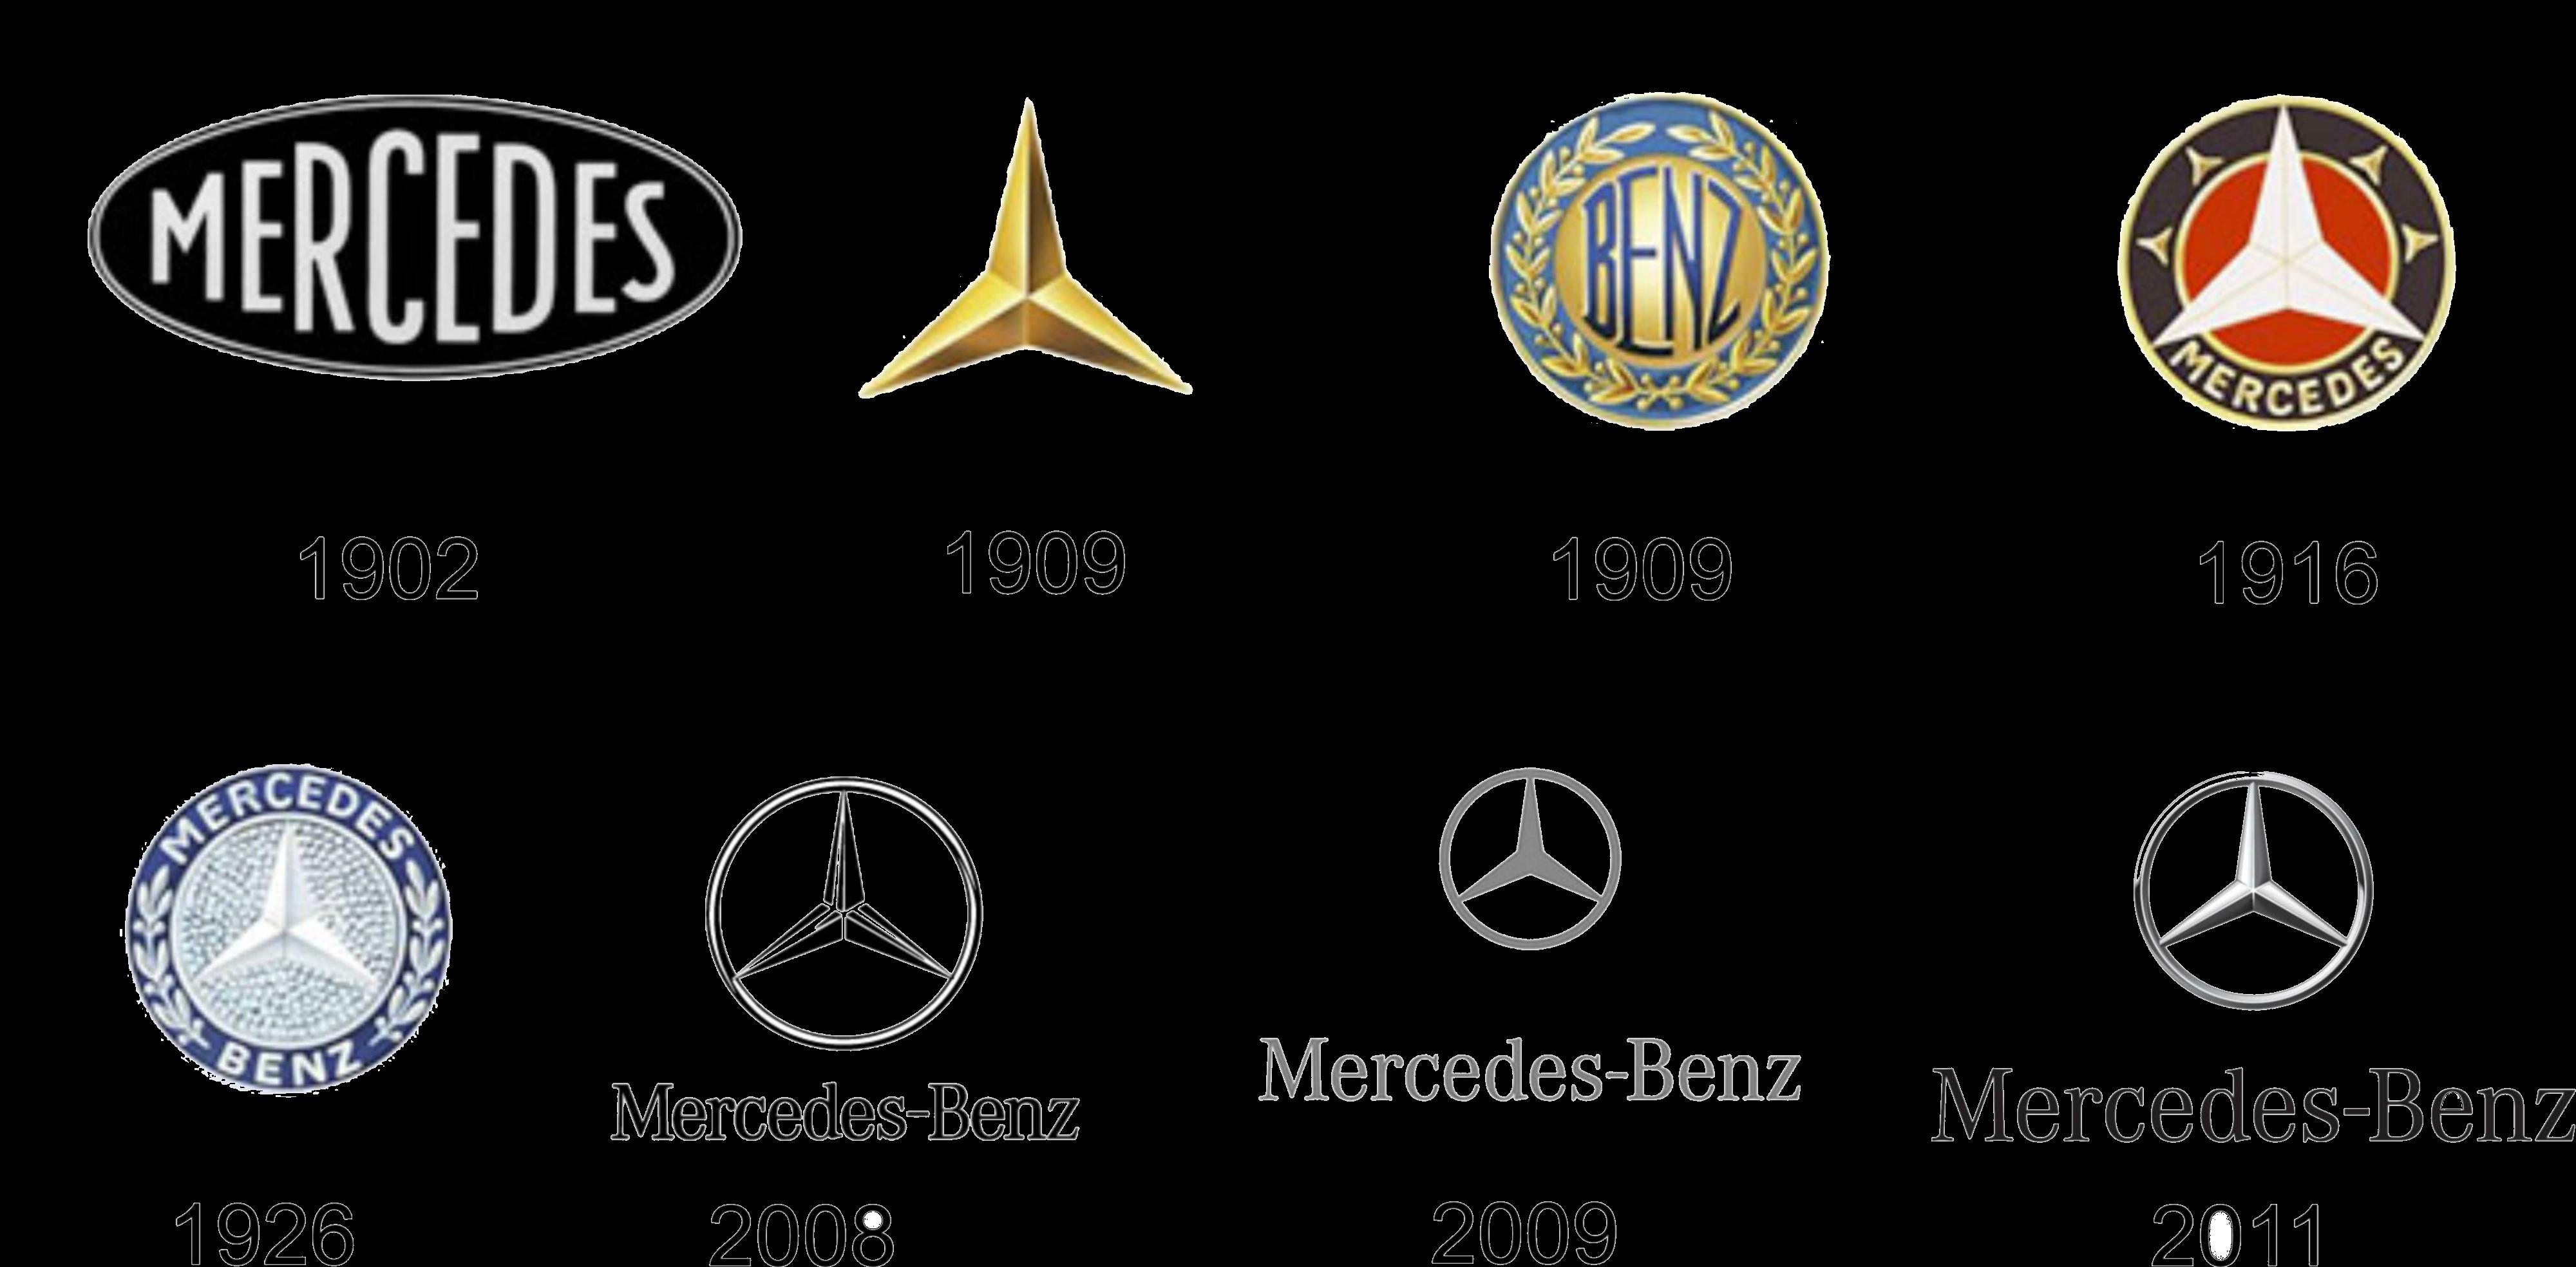 بررسی نحوه طراحی و تاریخچه لوگوی مرسدس بنز